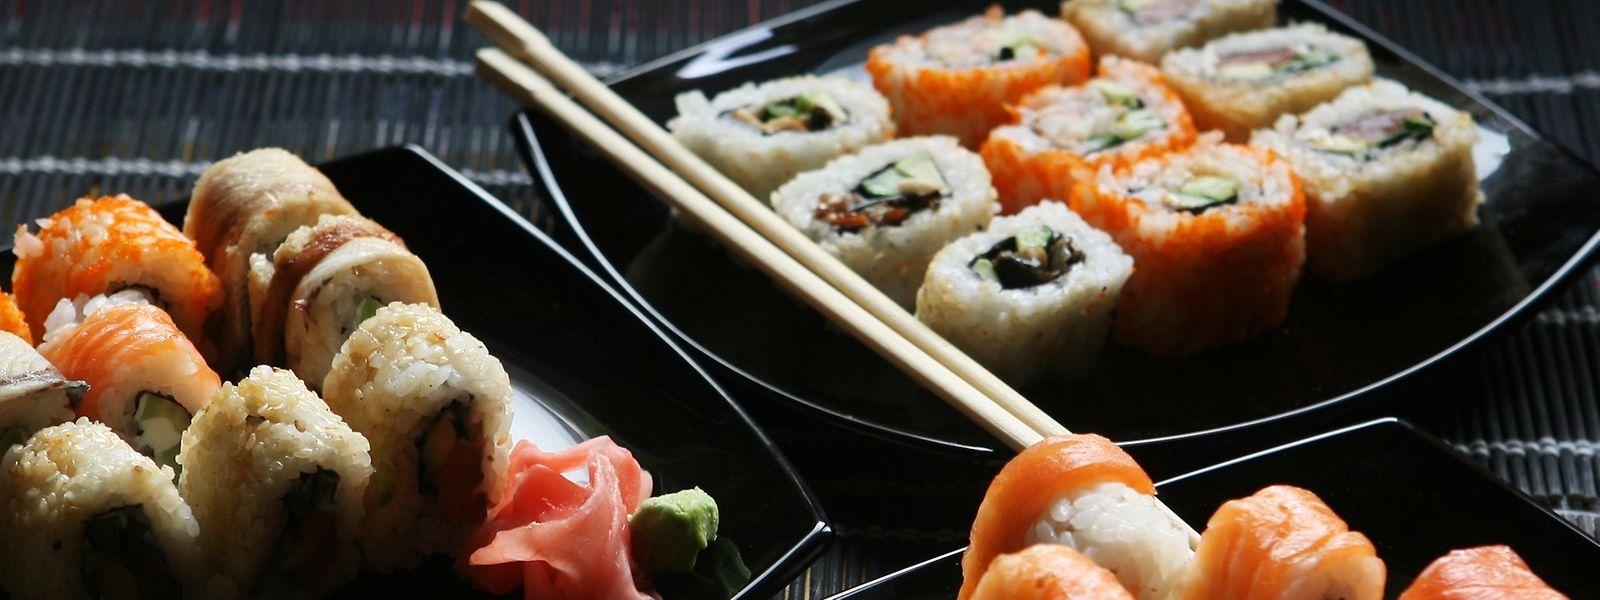 Sushi ist in der Mittagspause besonders beliebt.